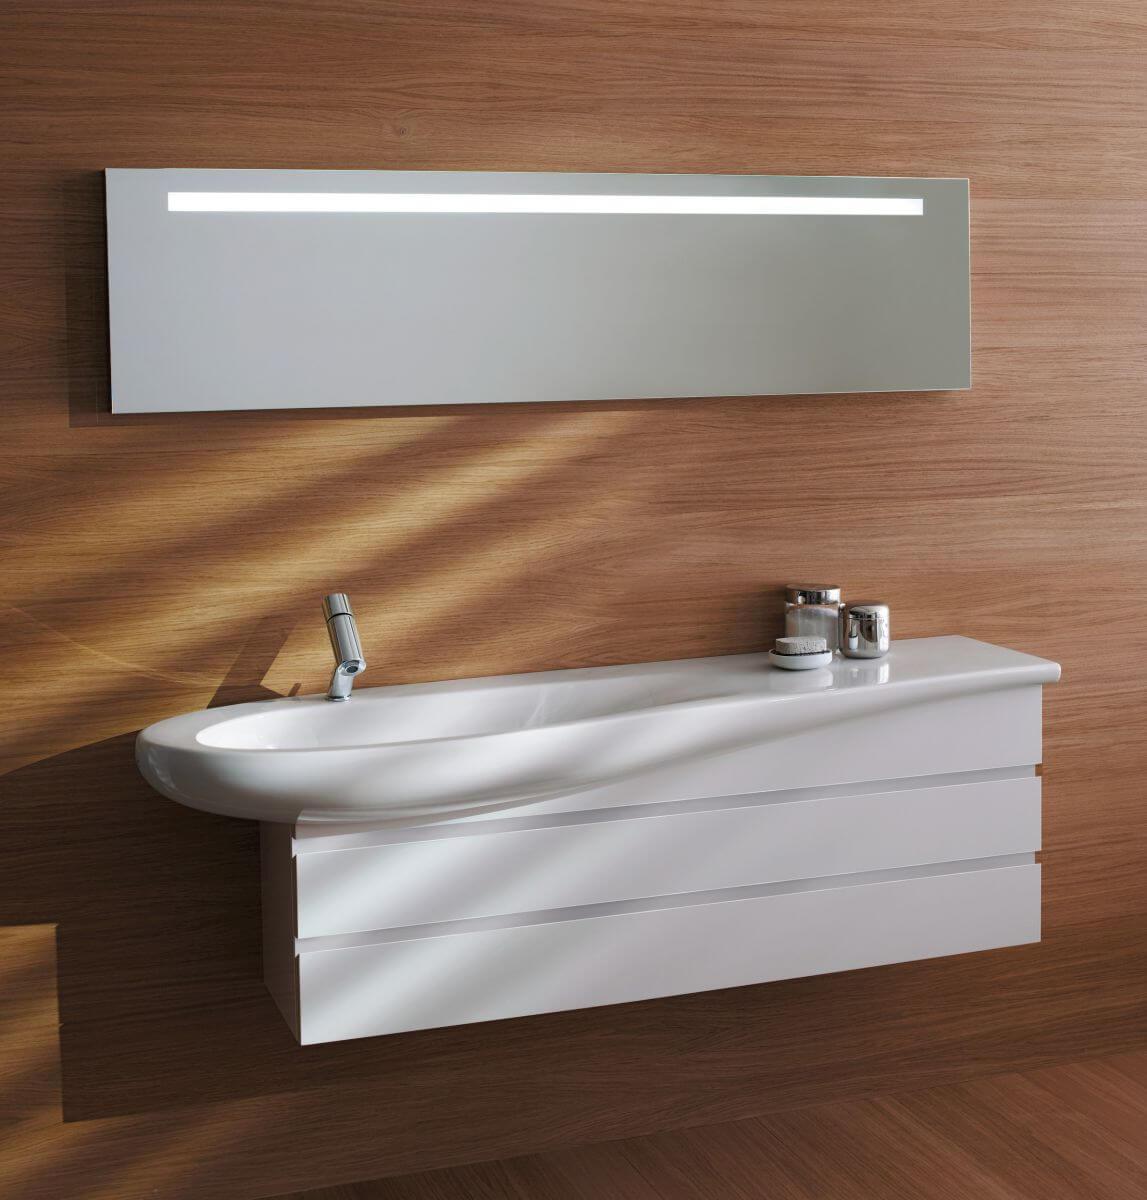 Тумба в ванную комнату со столешницей белого цвета